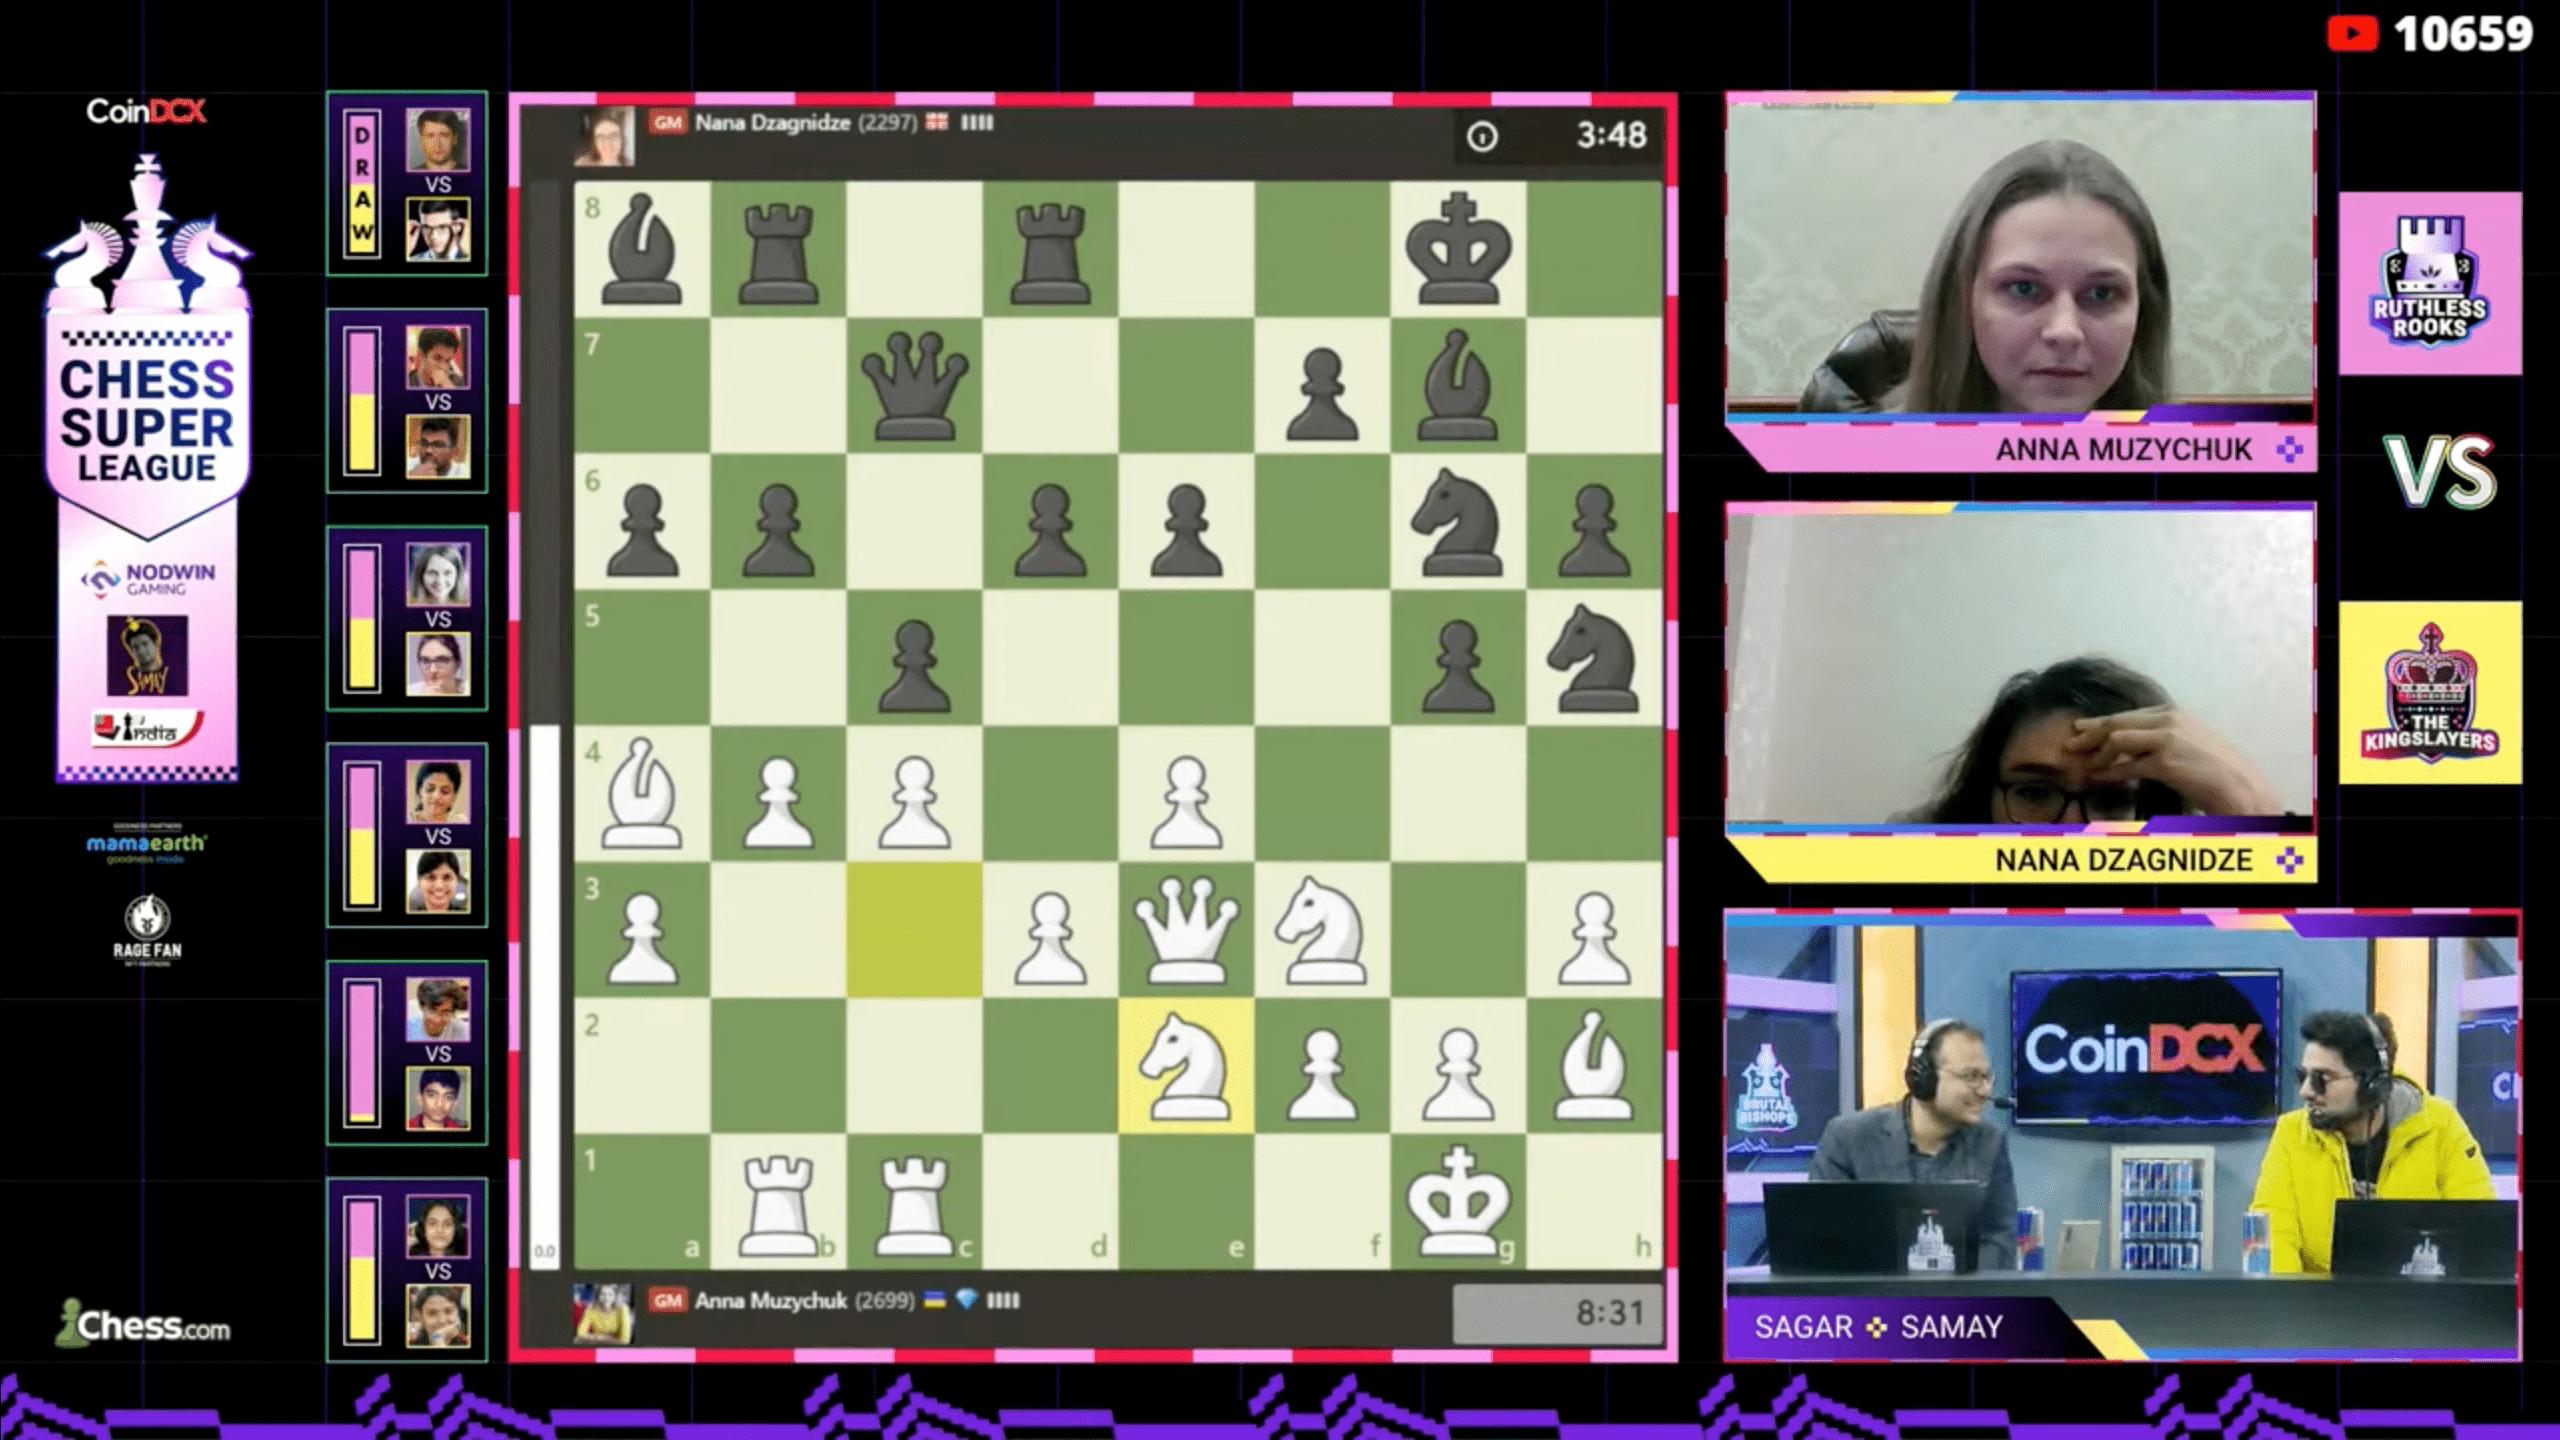 Muzychuk Dzagnidze Super League chess